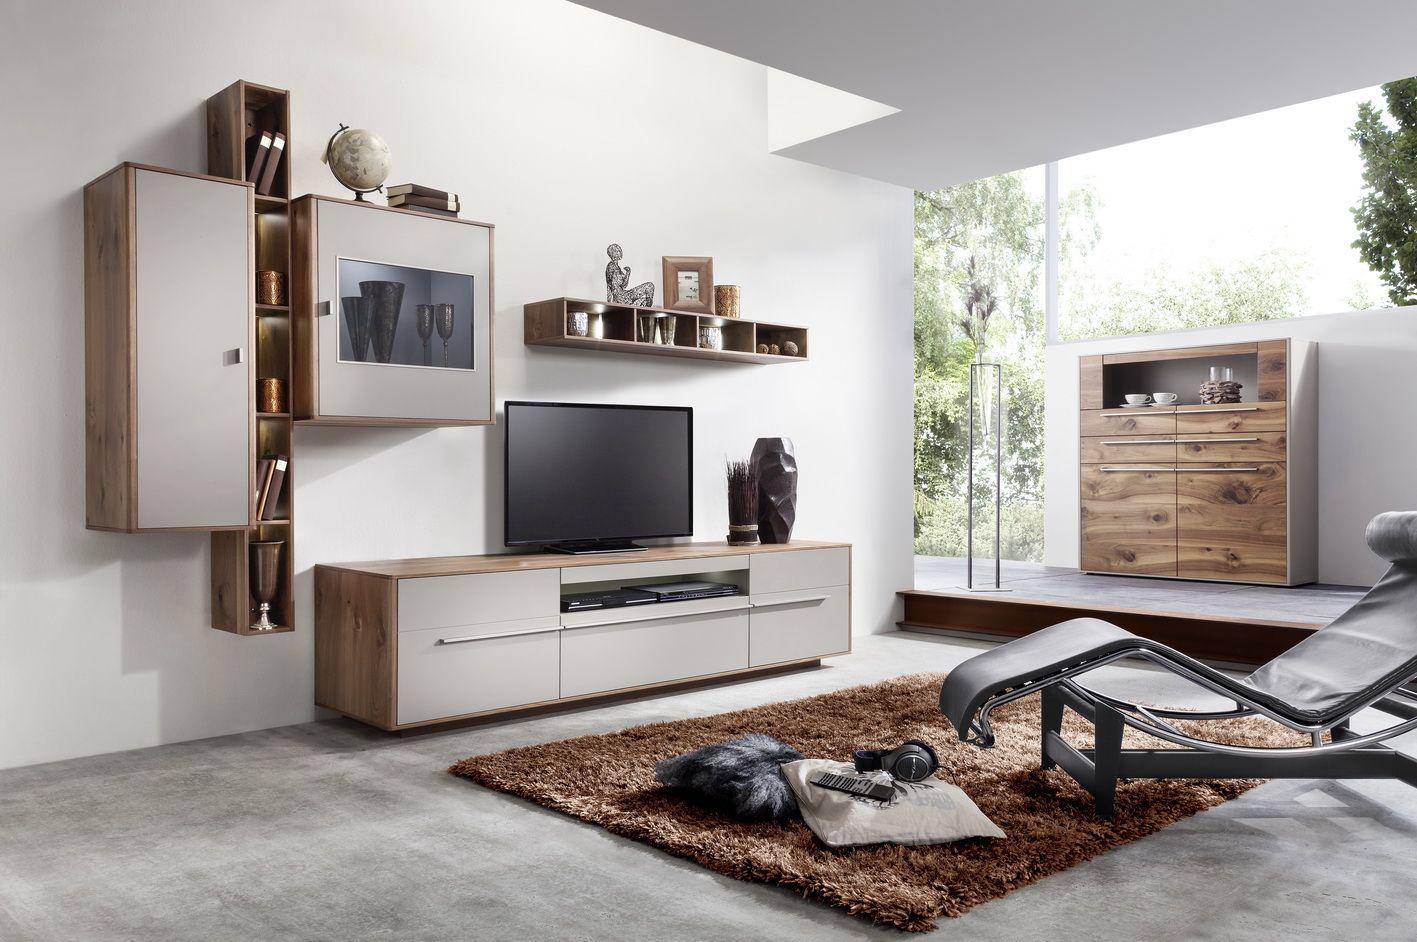 Etonnant #möbel #madeingermany #furniture #gwinner #wohndesign #design #wohnzimmer  #livingroom